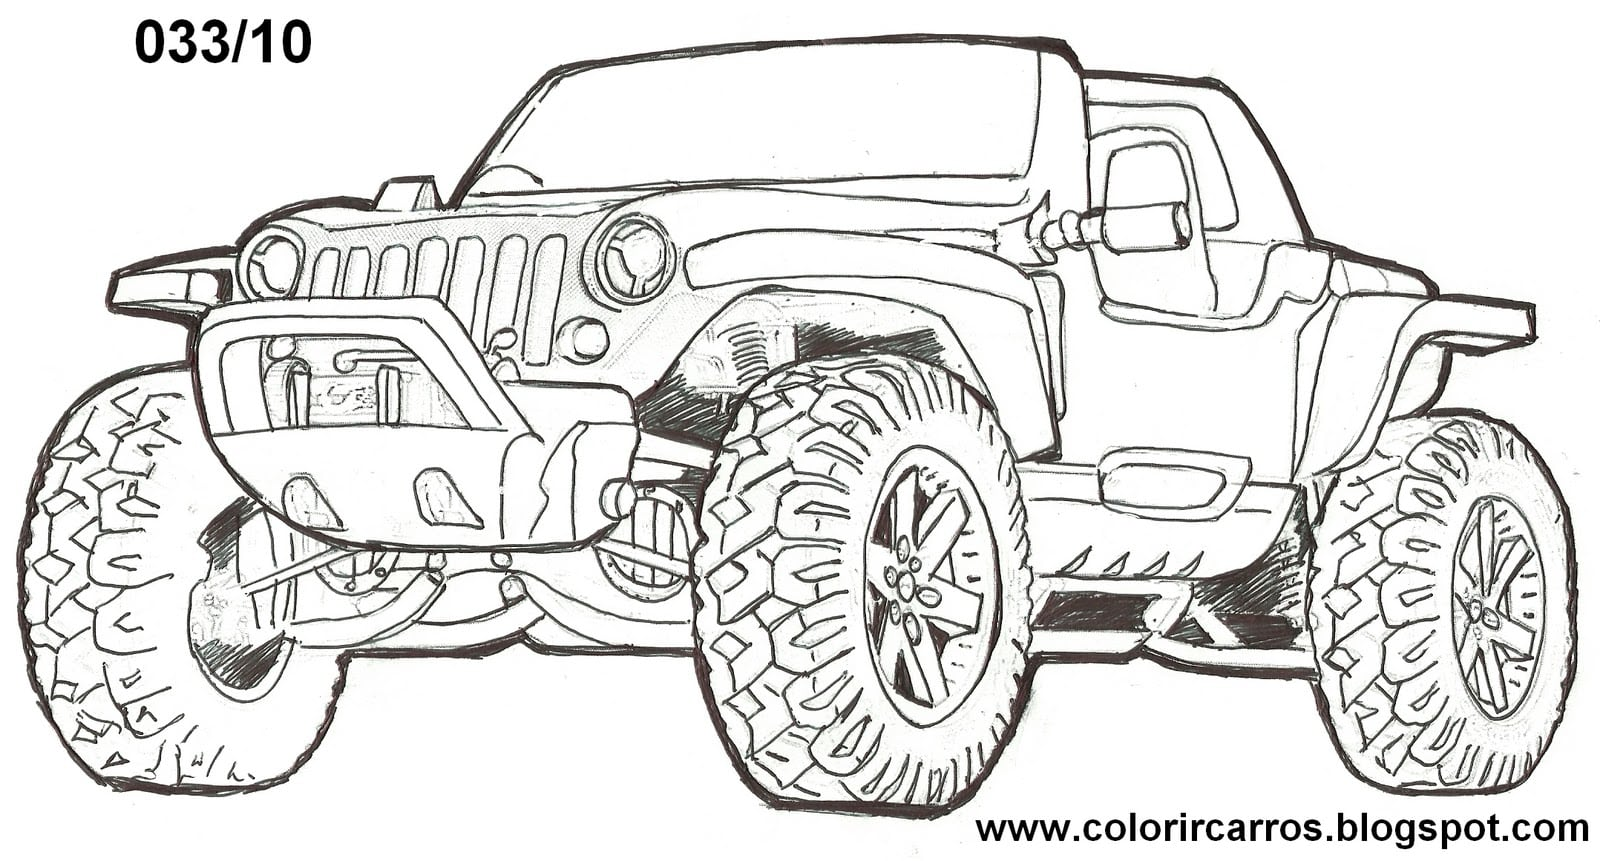 Famosos Desenho De Carros Para Colorir E Imprimir BX89